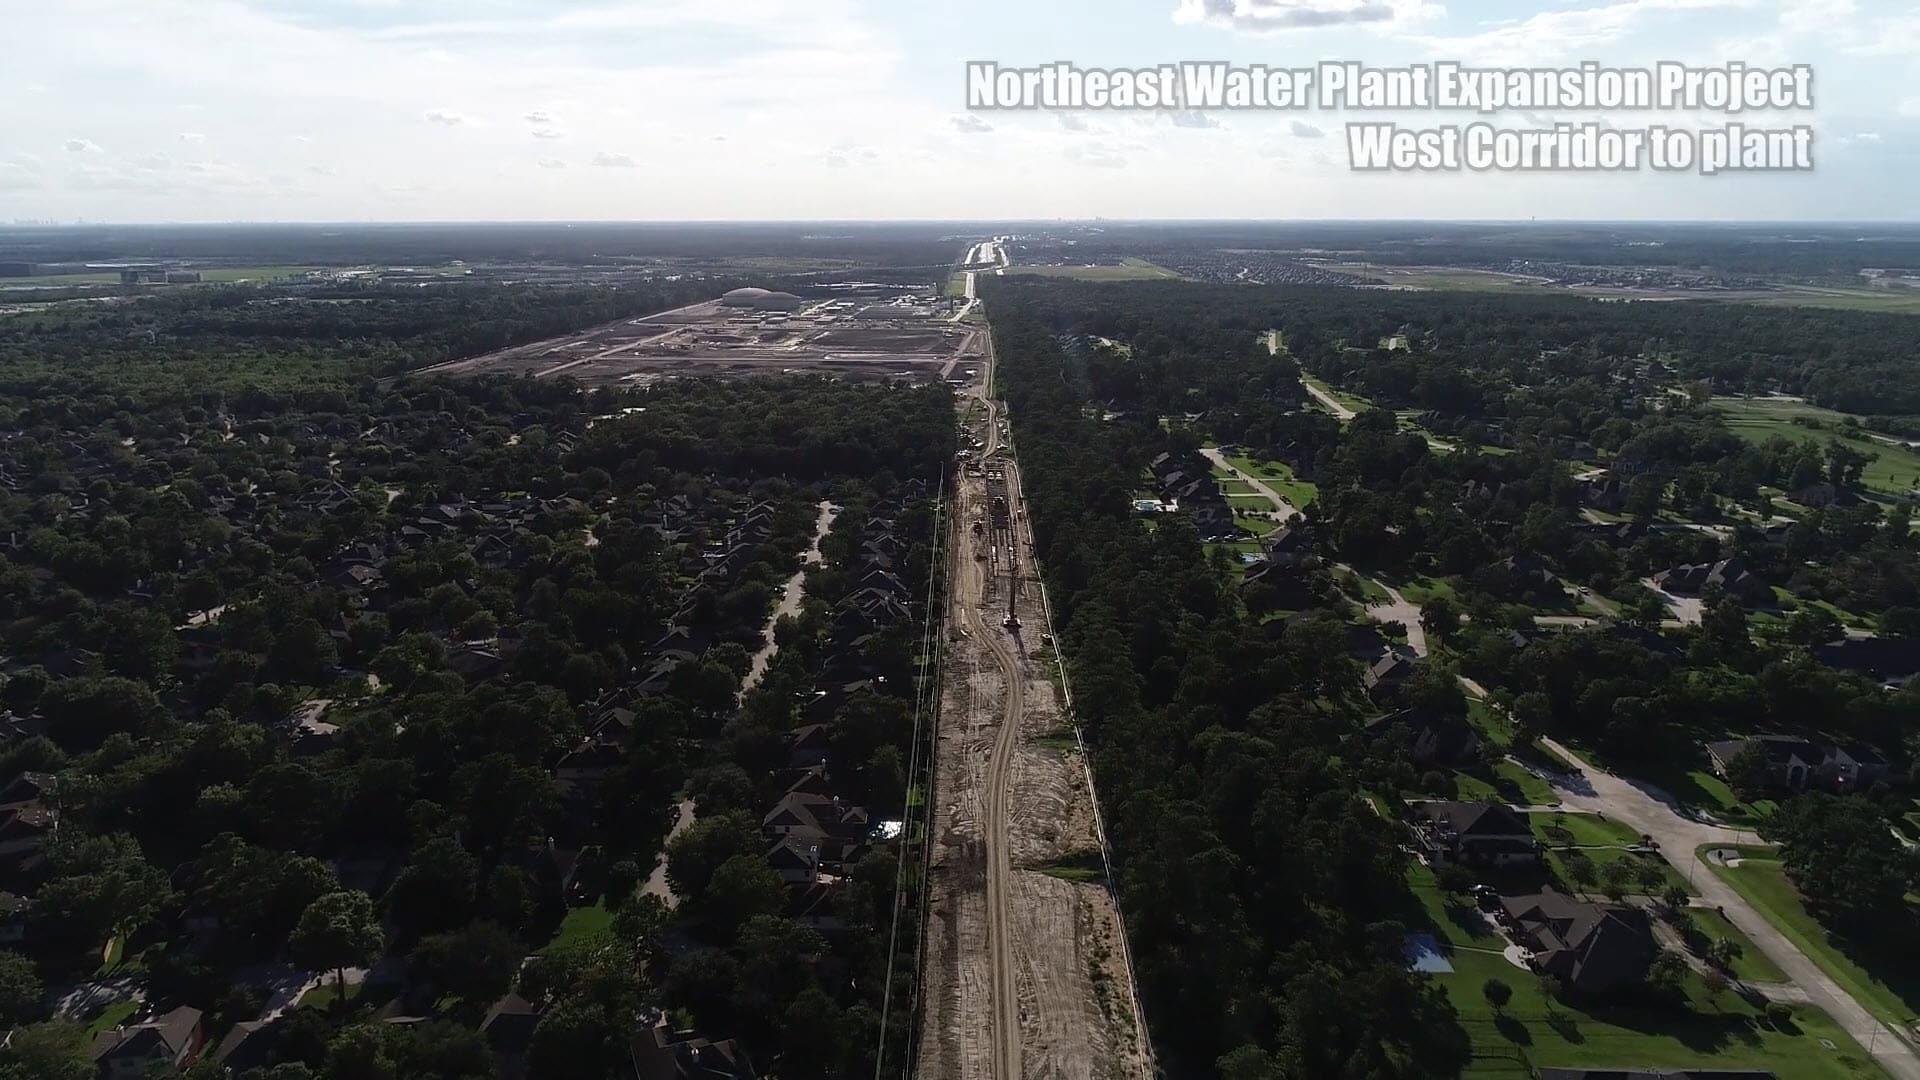 West corridor to plant